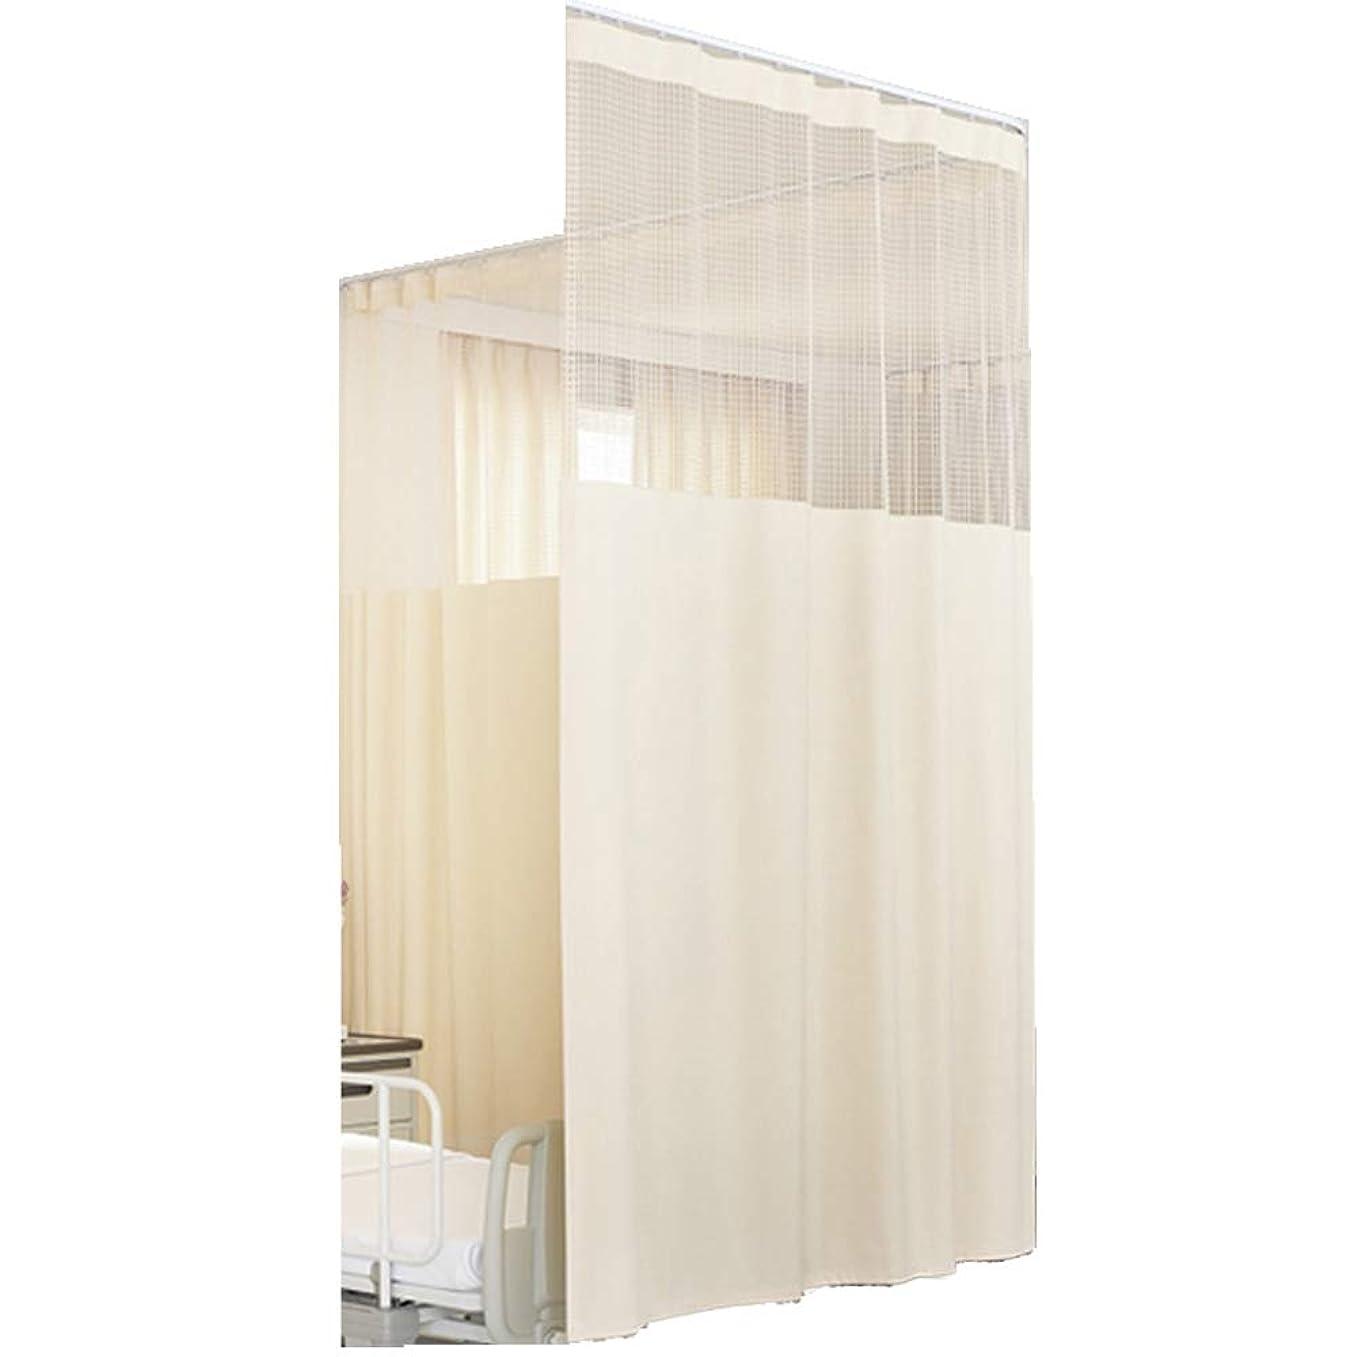 しつけ布判定医療用カーテン 品 上部ネット40cm一体型カーテン 巾400cm×丈180cm アイボリー